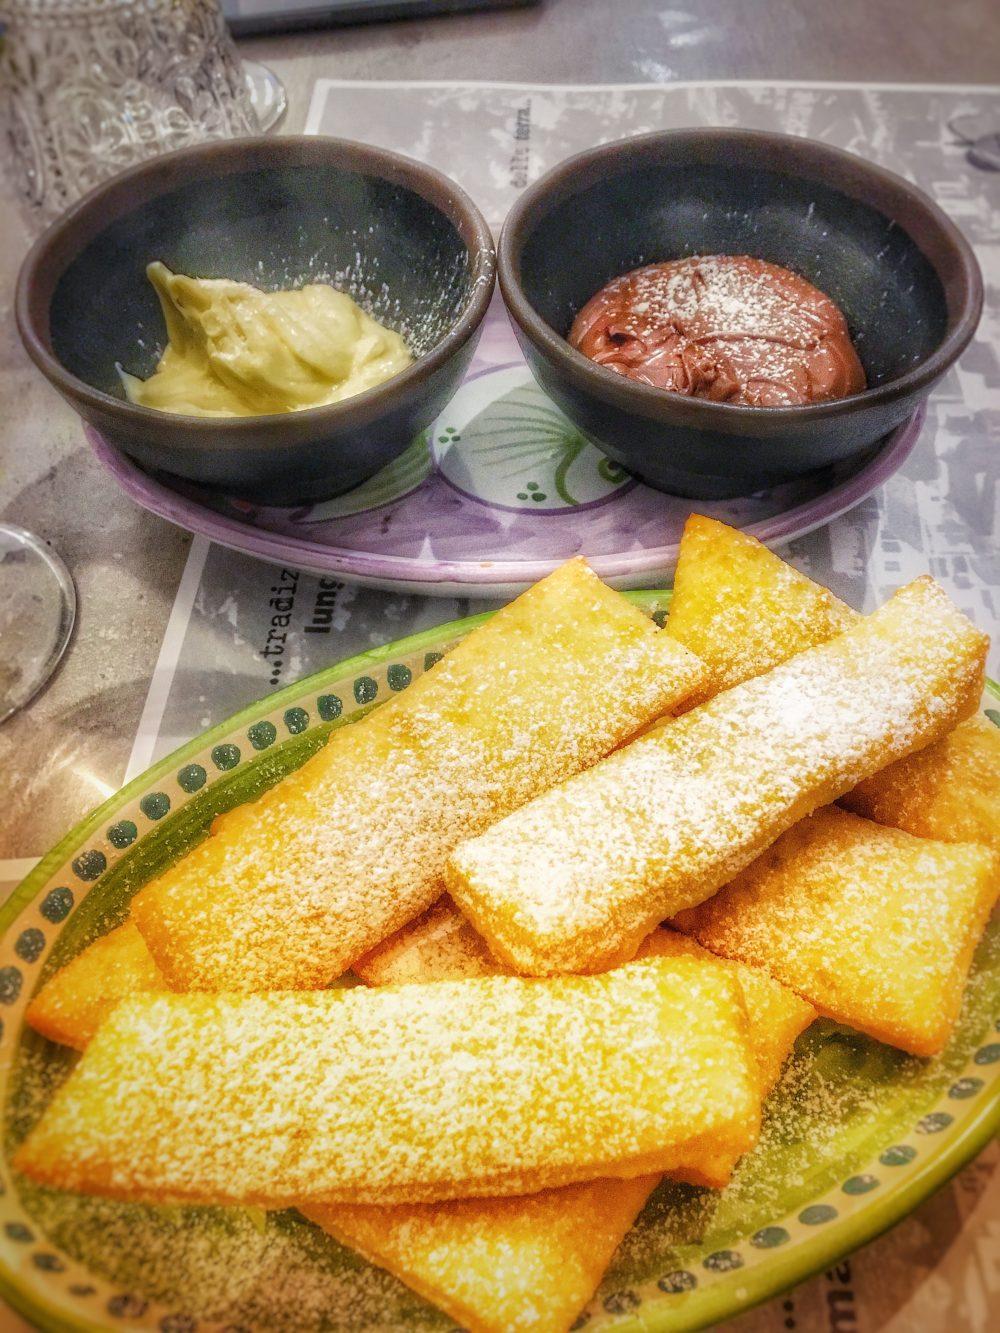 Divina Vietri - Pasta di pizza fritta con crema bianca ed al cioccolato